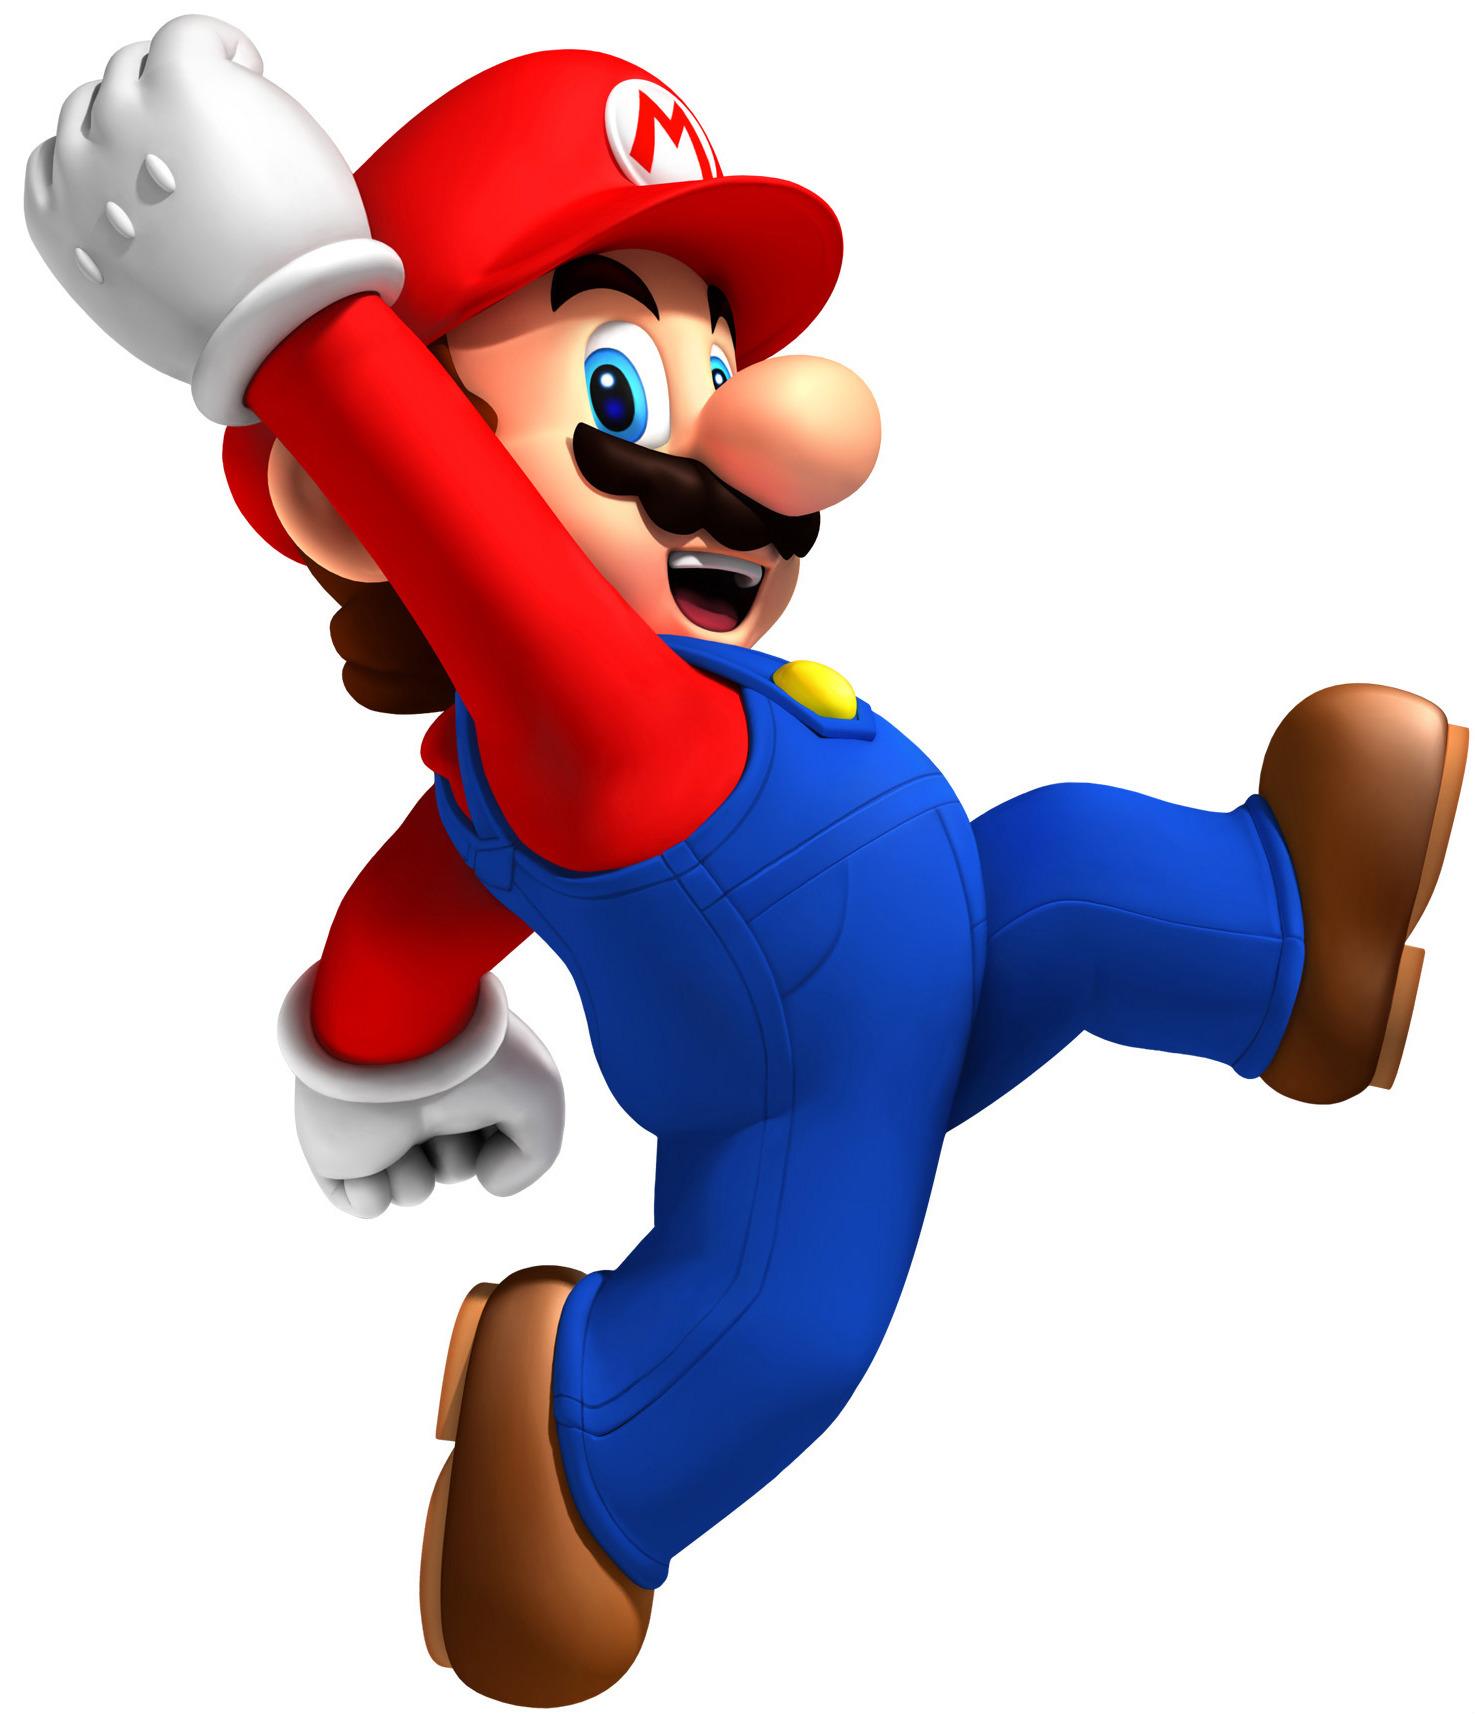 New Super Mario Bros Wii Super Mario Mario Bros Super Mario Bros